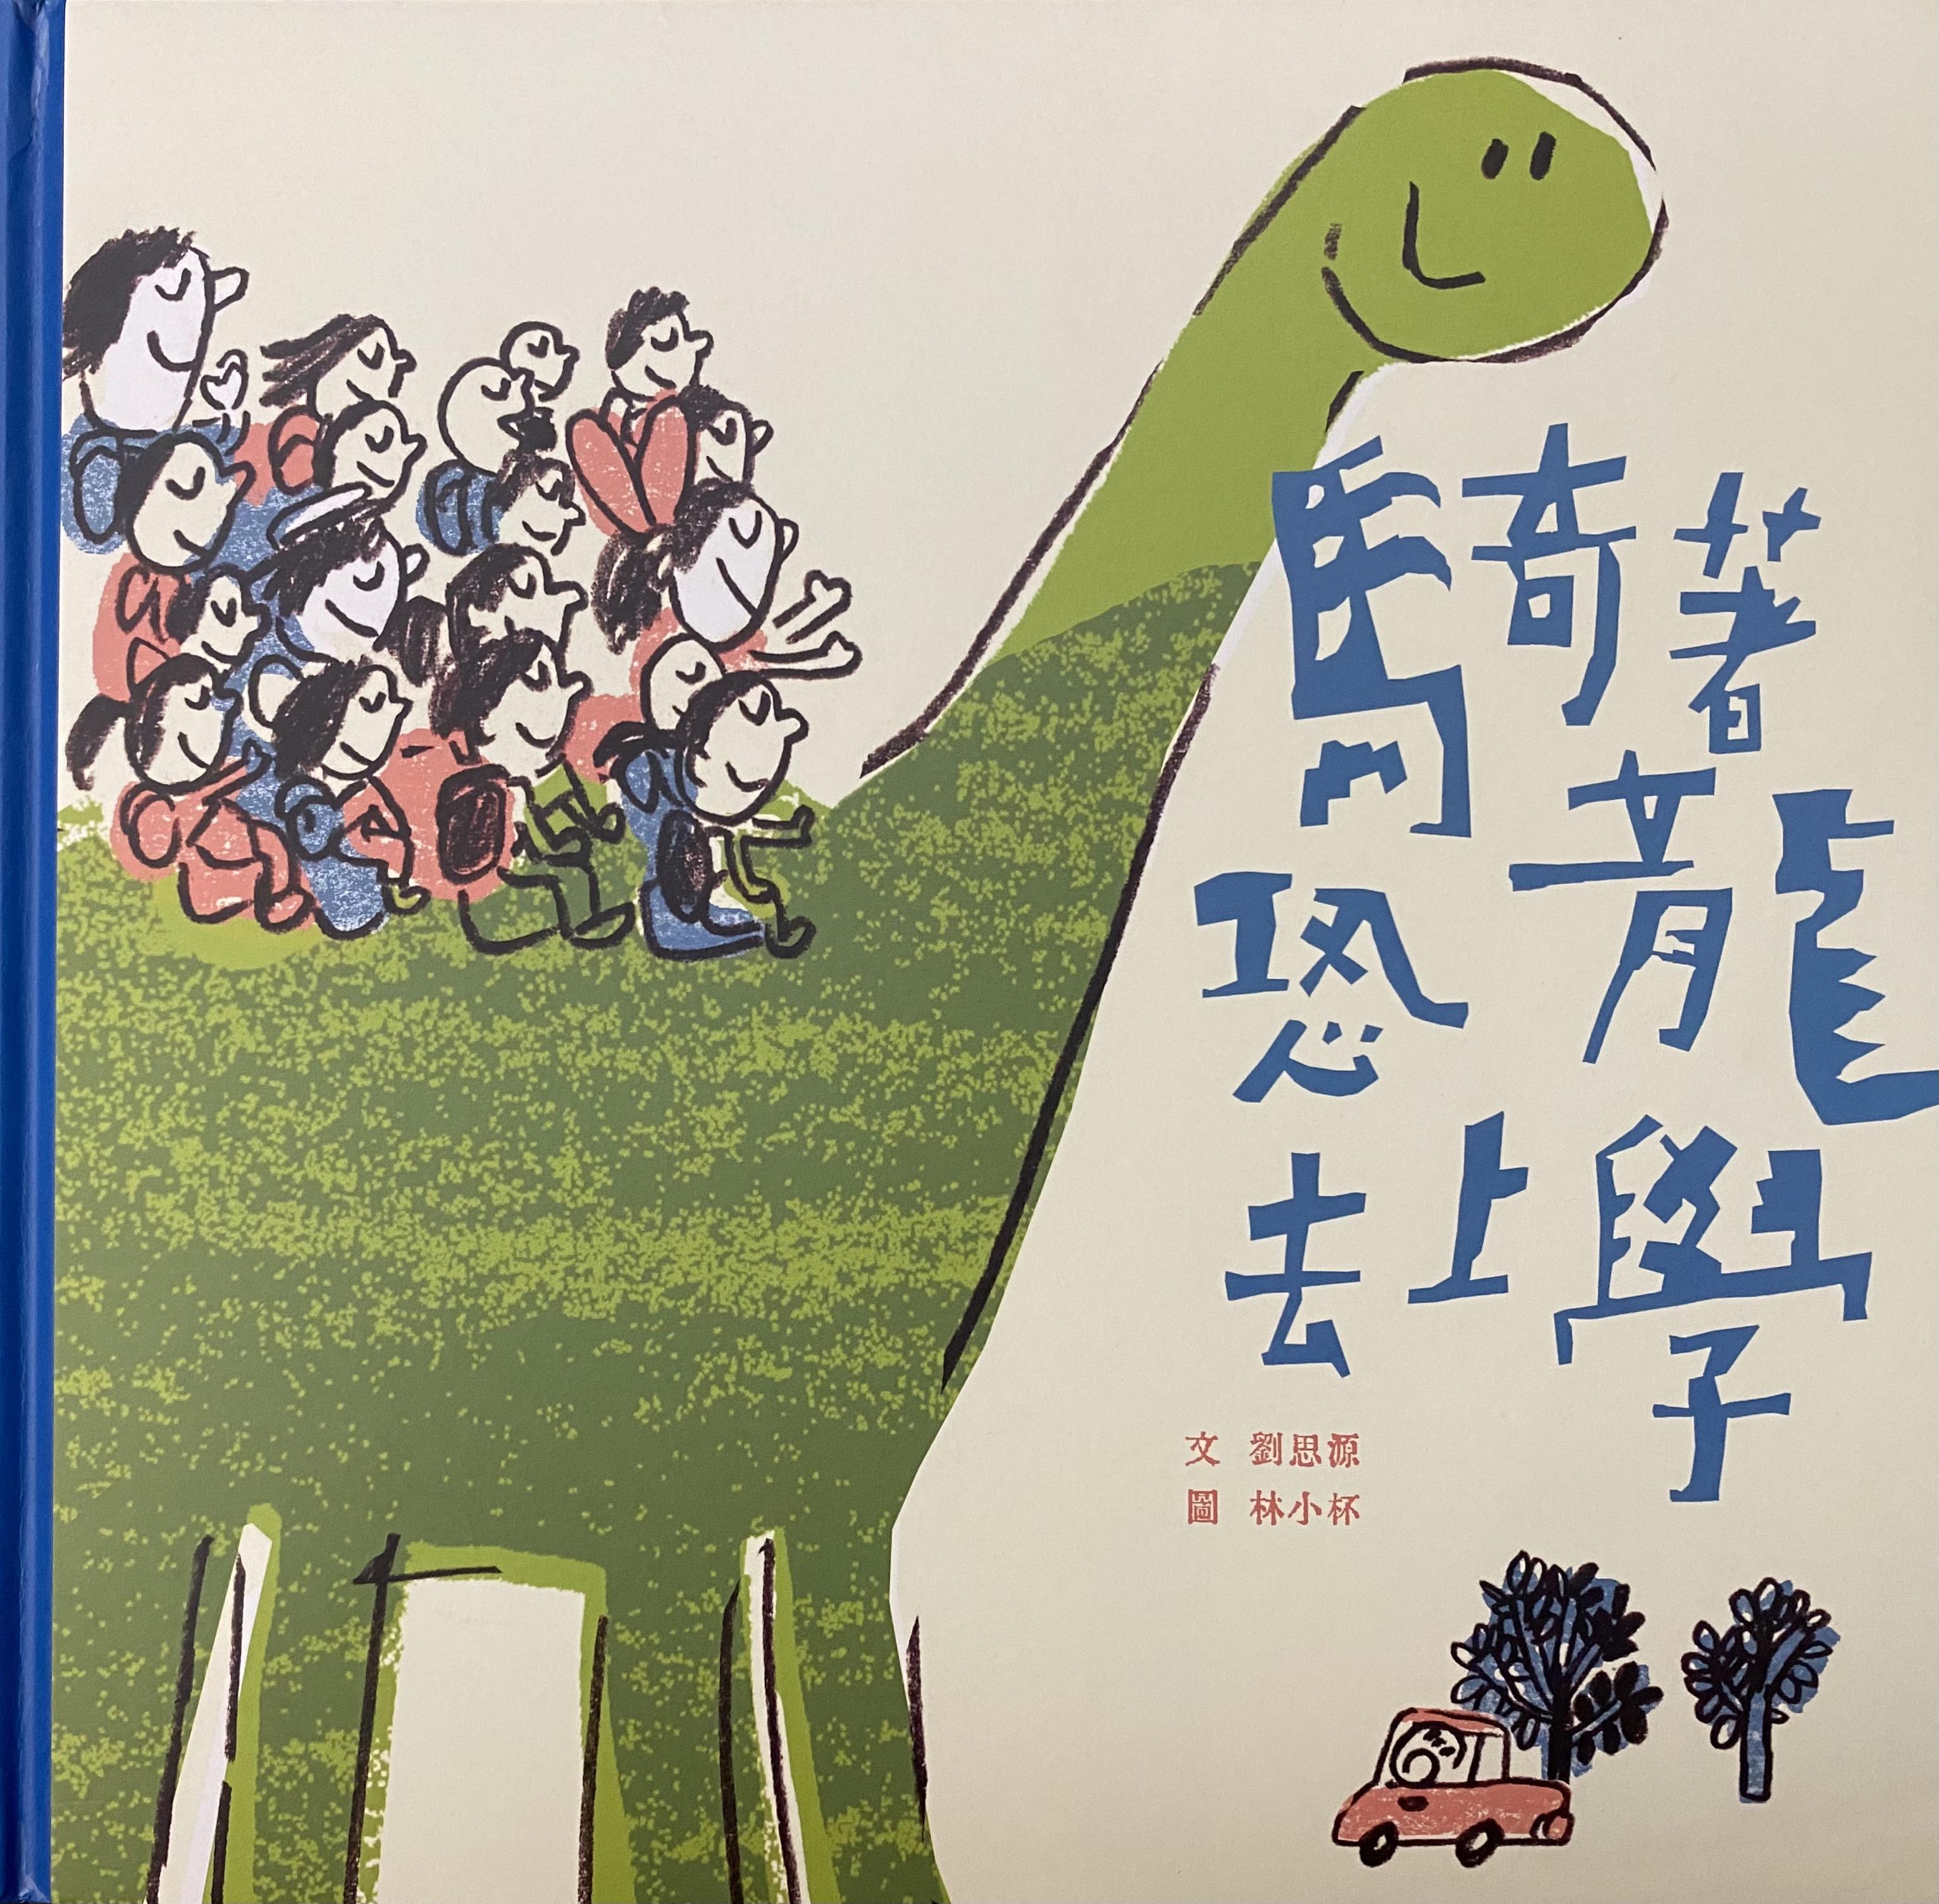 騎著恐龍去上學 (劉思源/步步出版)